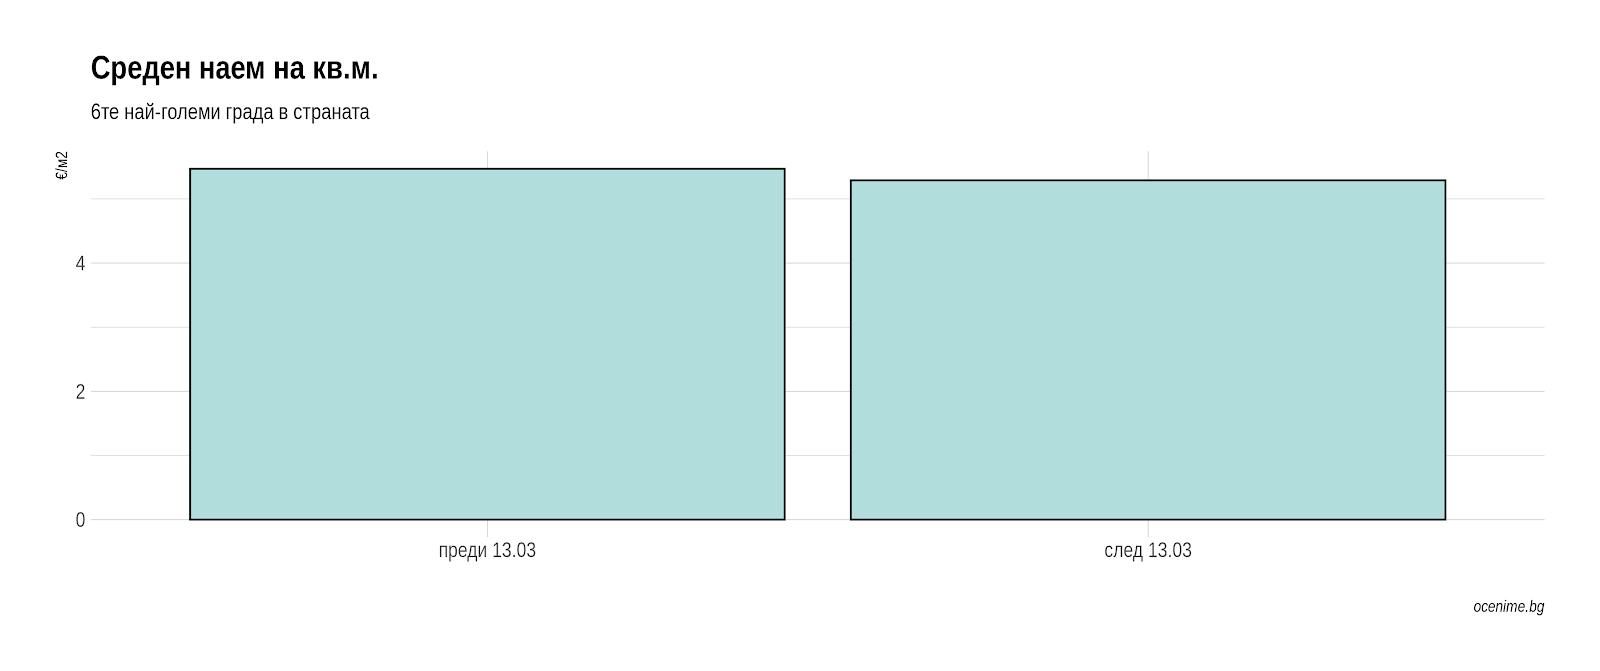 Среден наем на кв.м. - преди и след Covid-19 - Оцениме.бг